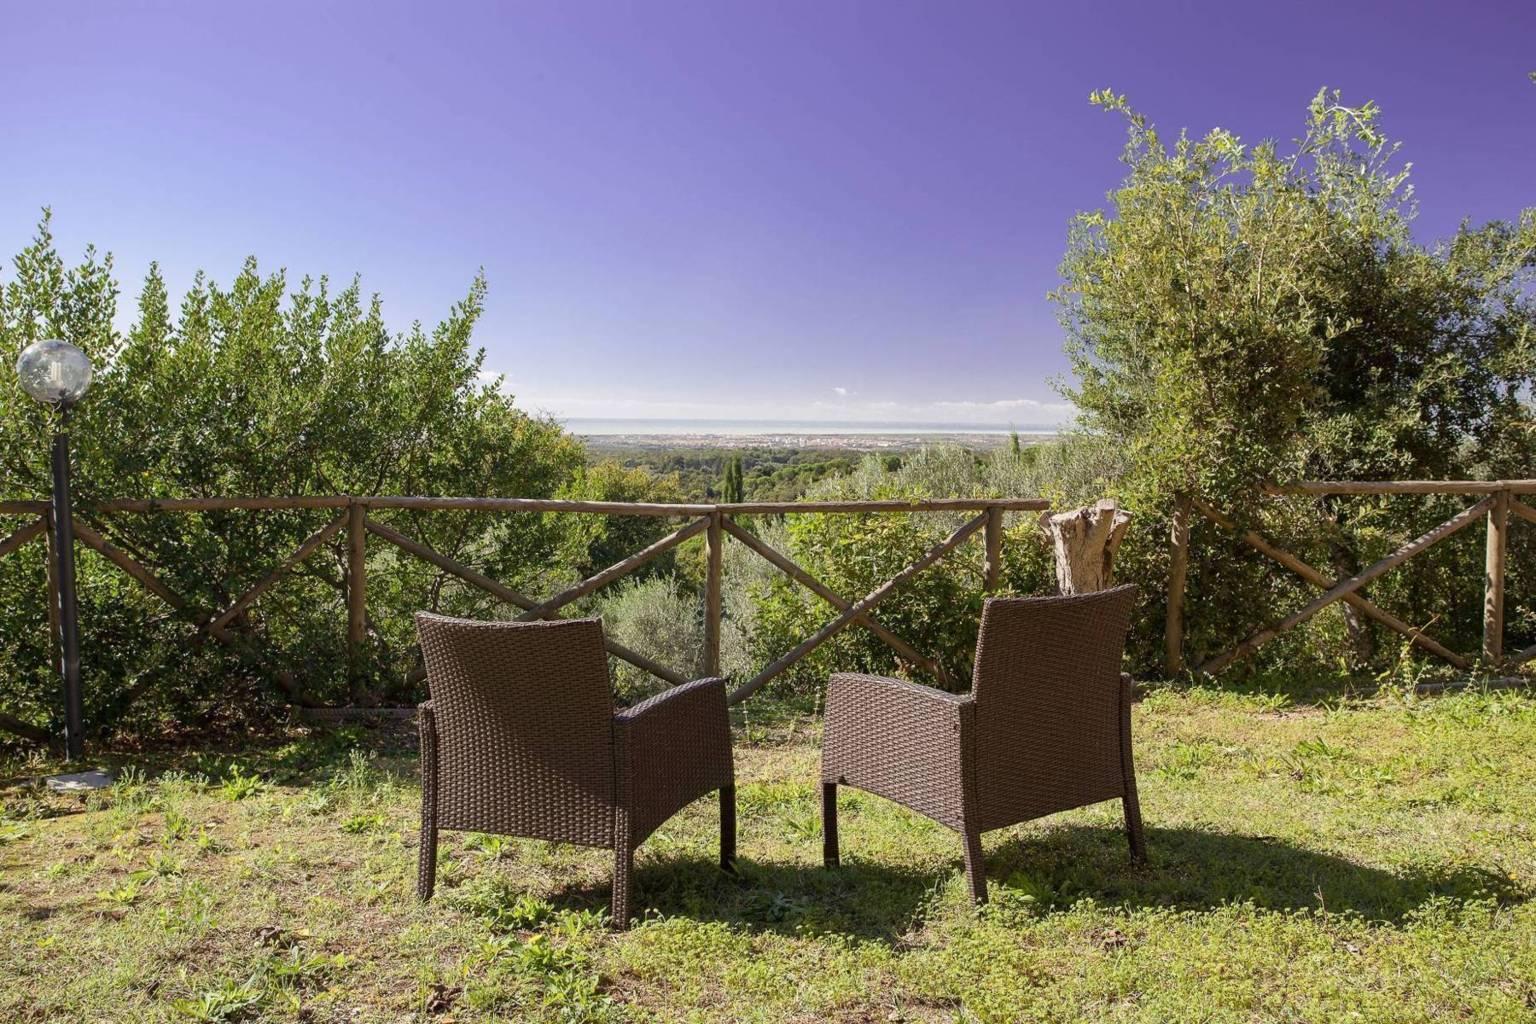 vista-mare-ferienwohnungen-villa-meerblick.jpg